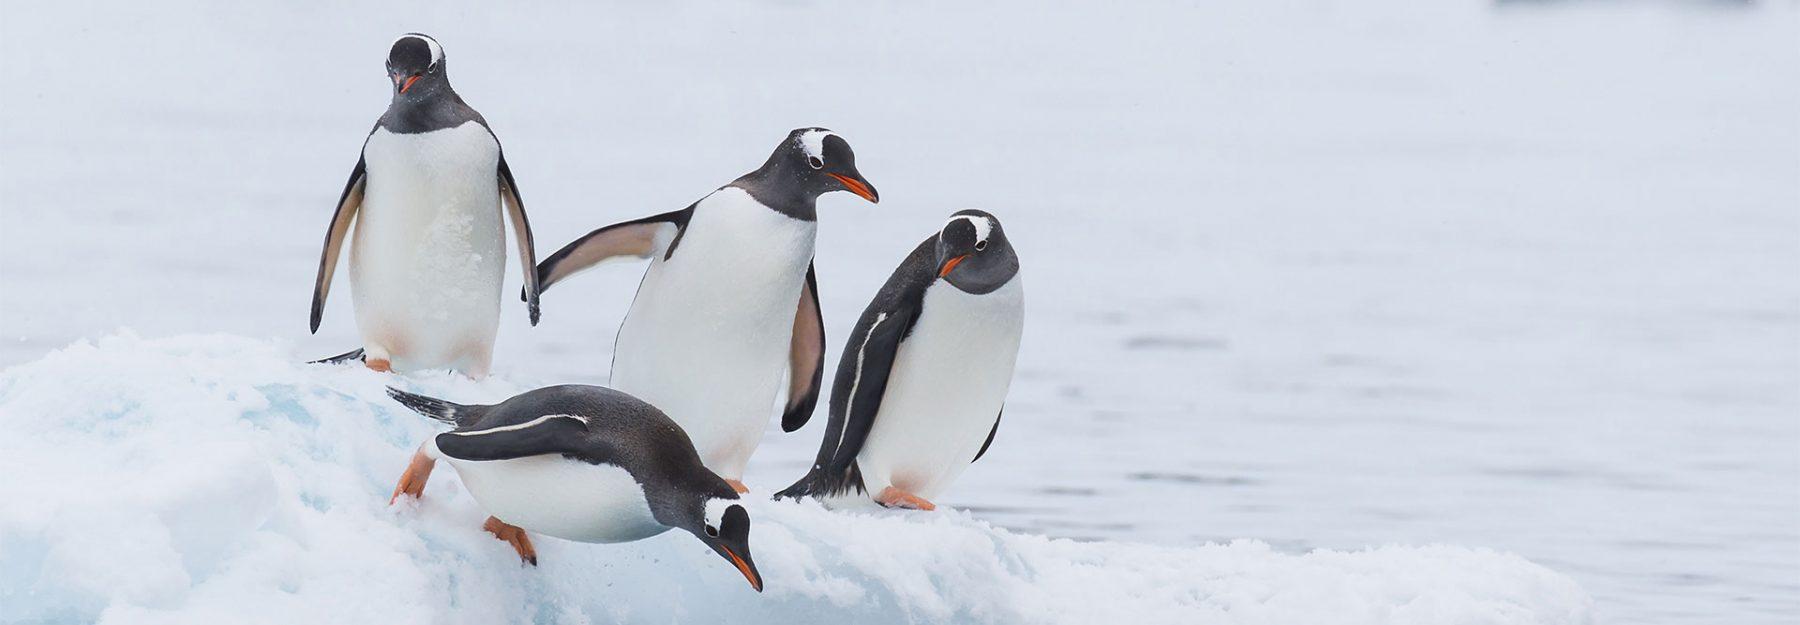 Viaggio in Antartide pinguini